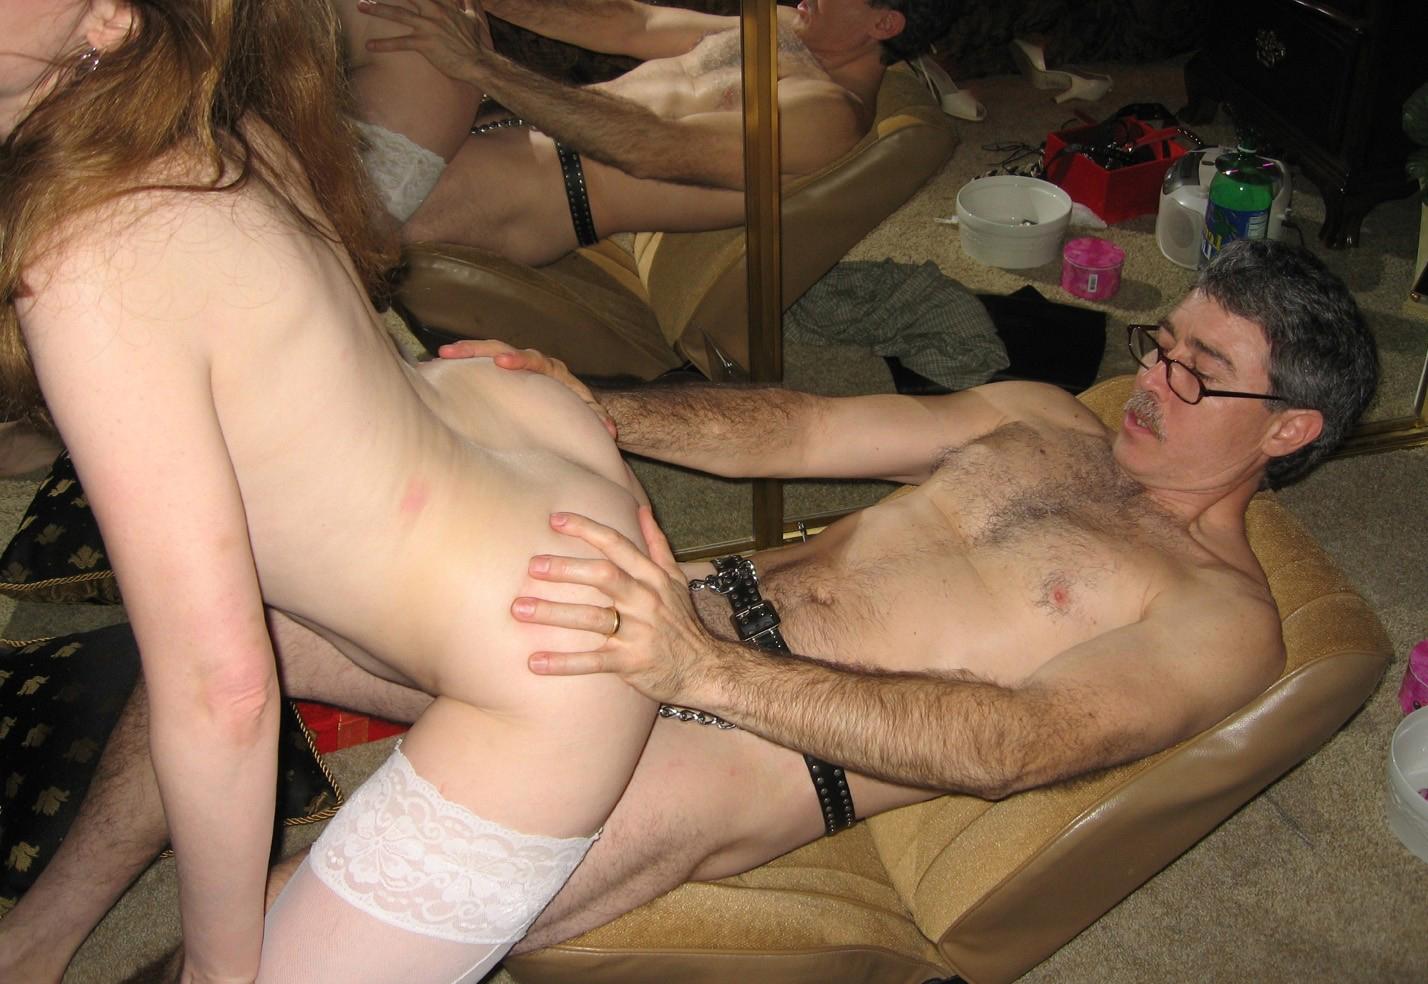 wife fucked hard